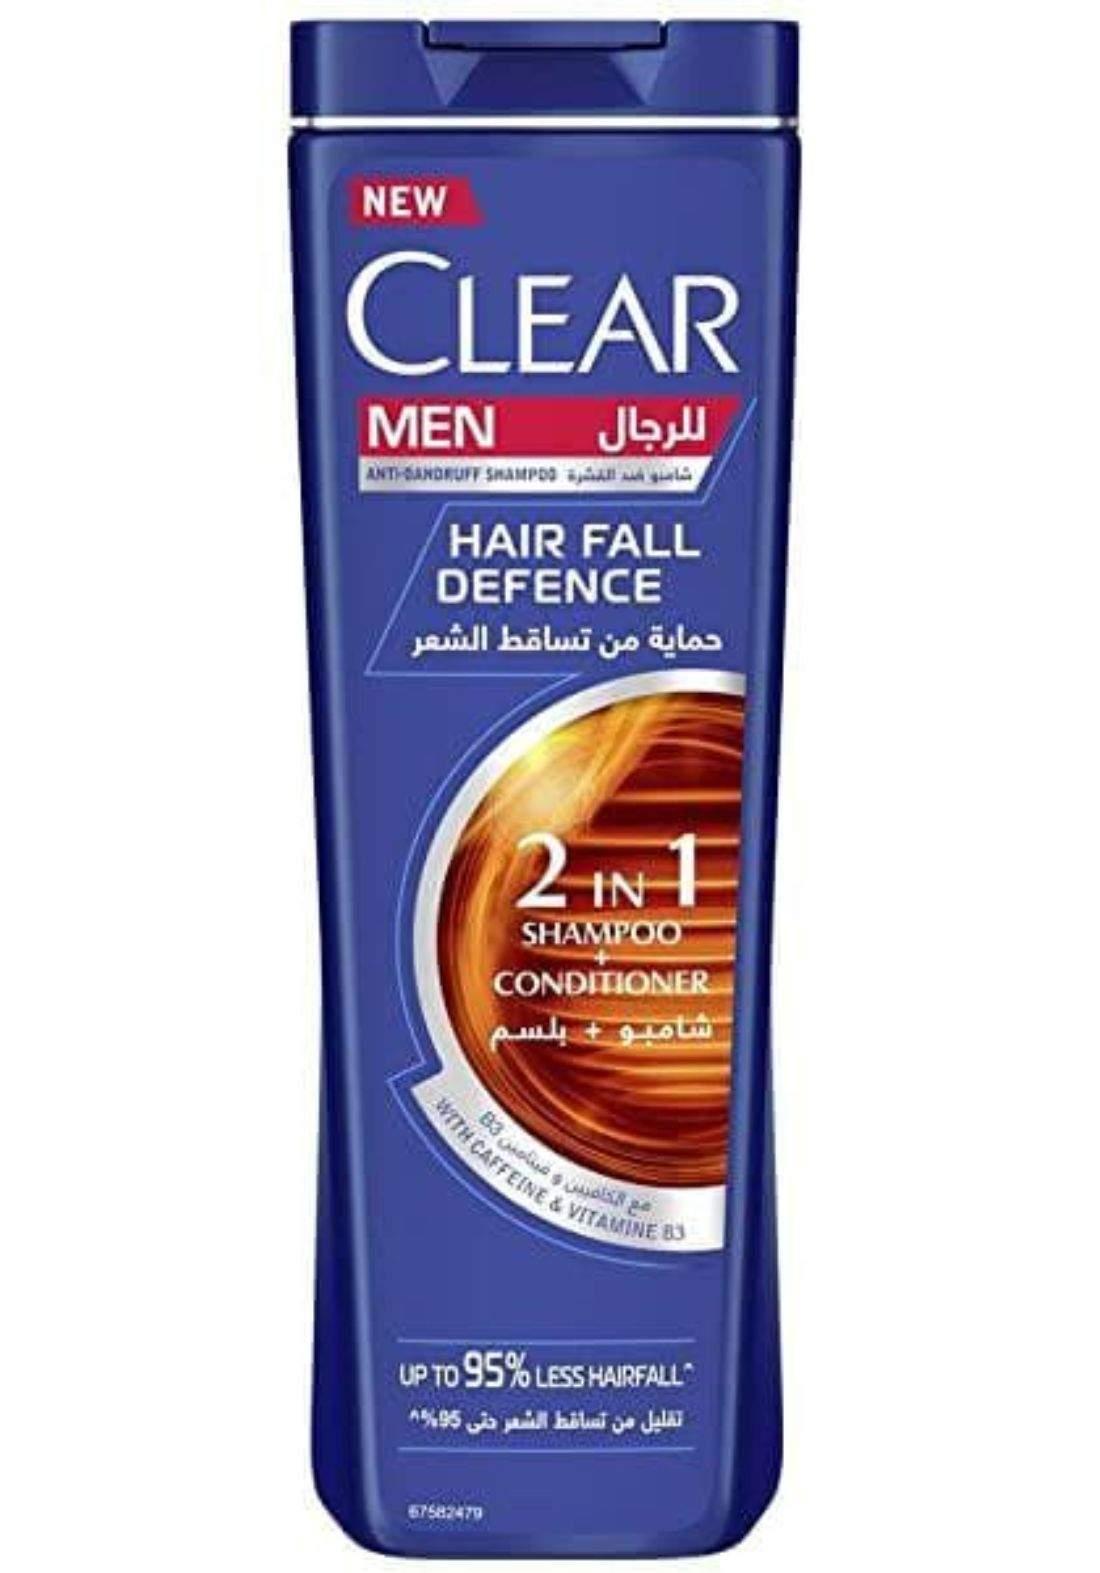 Clear for men shampoo360ml شامبو للرجال